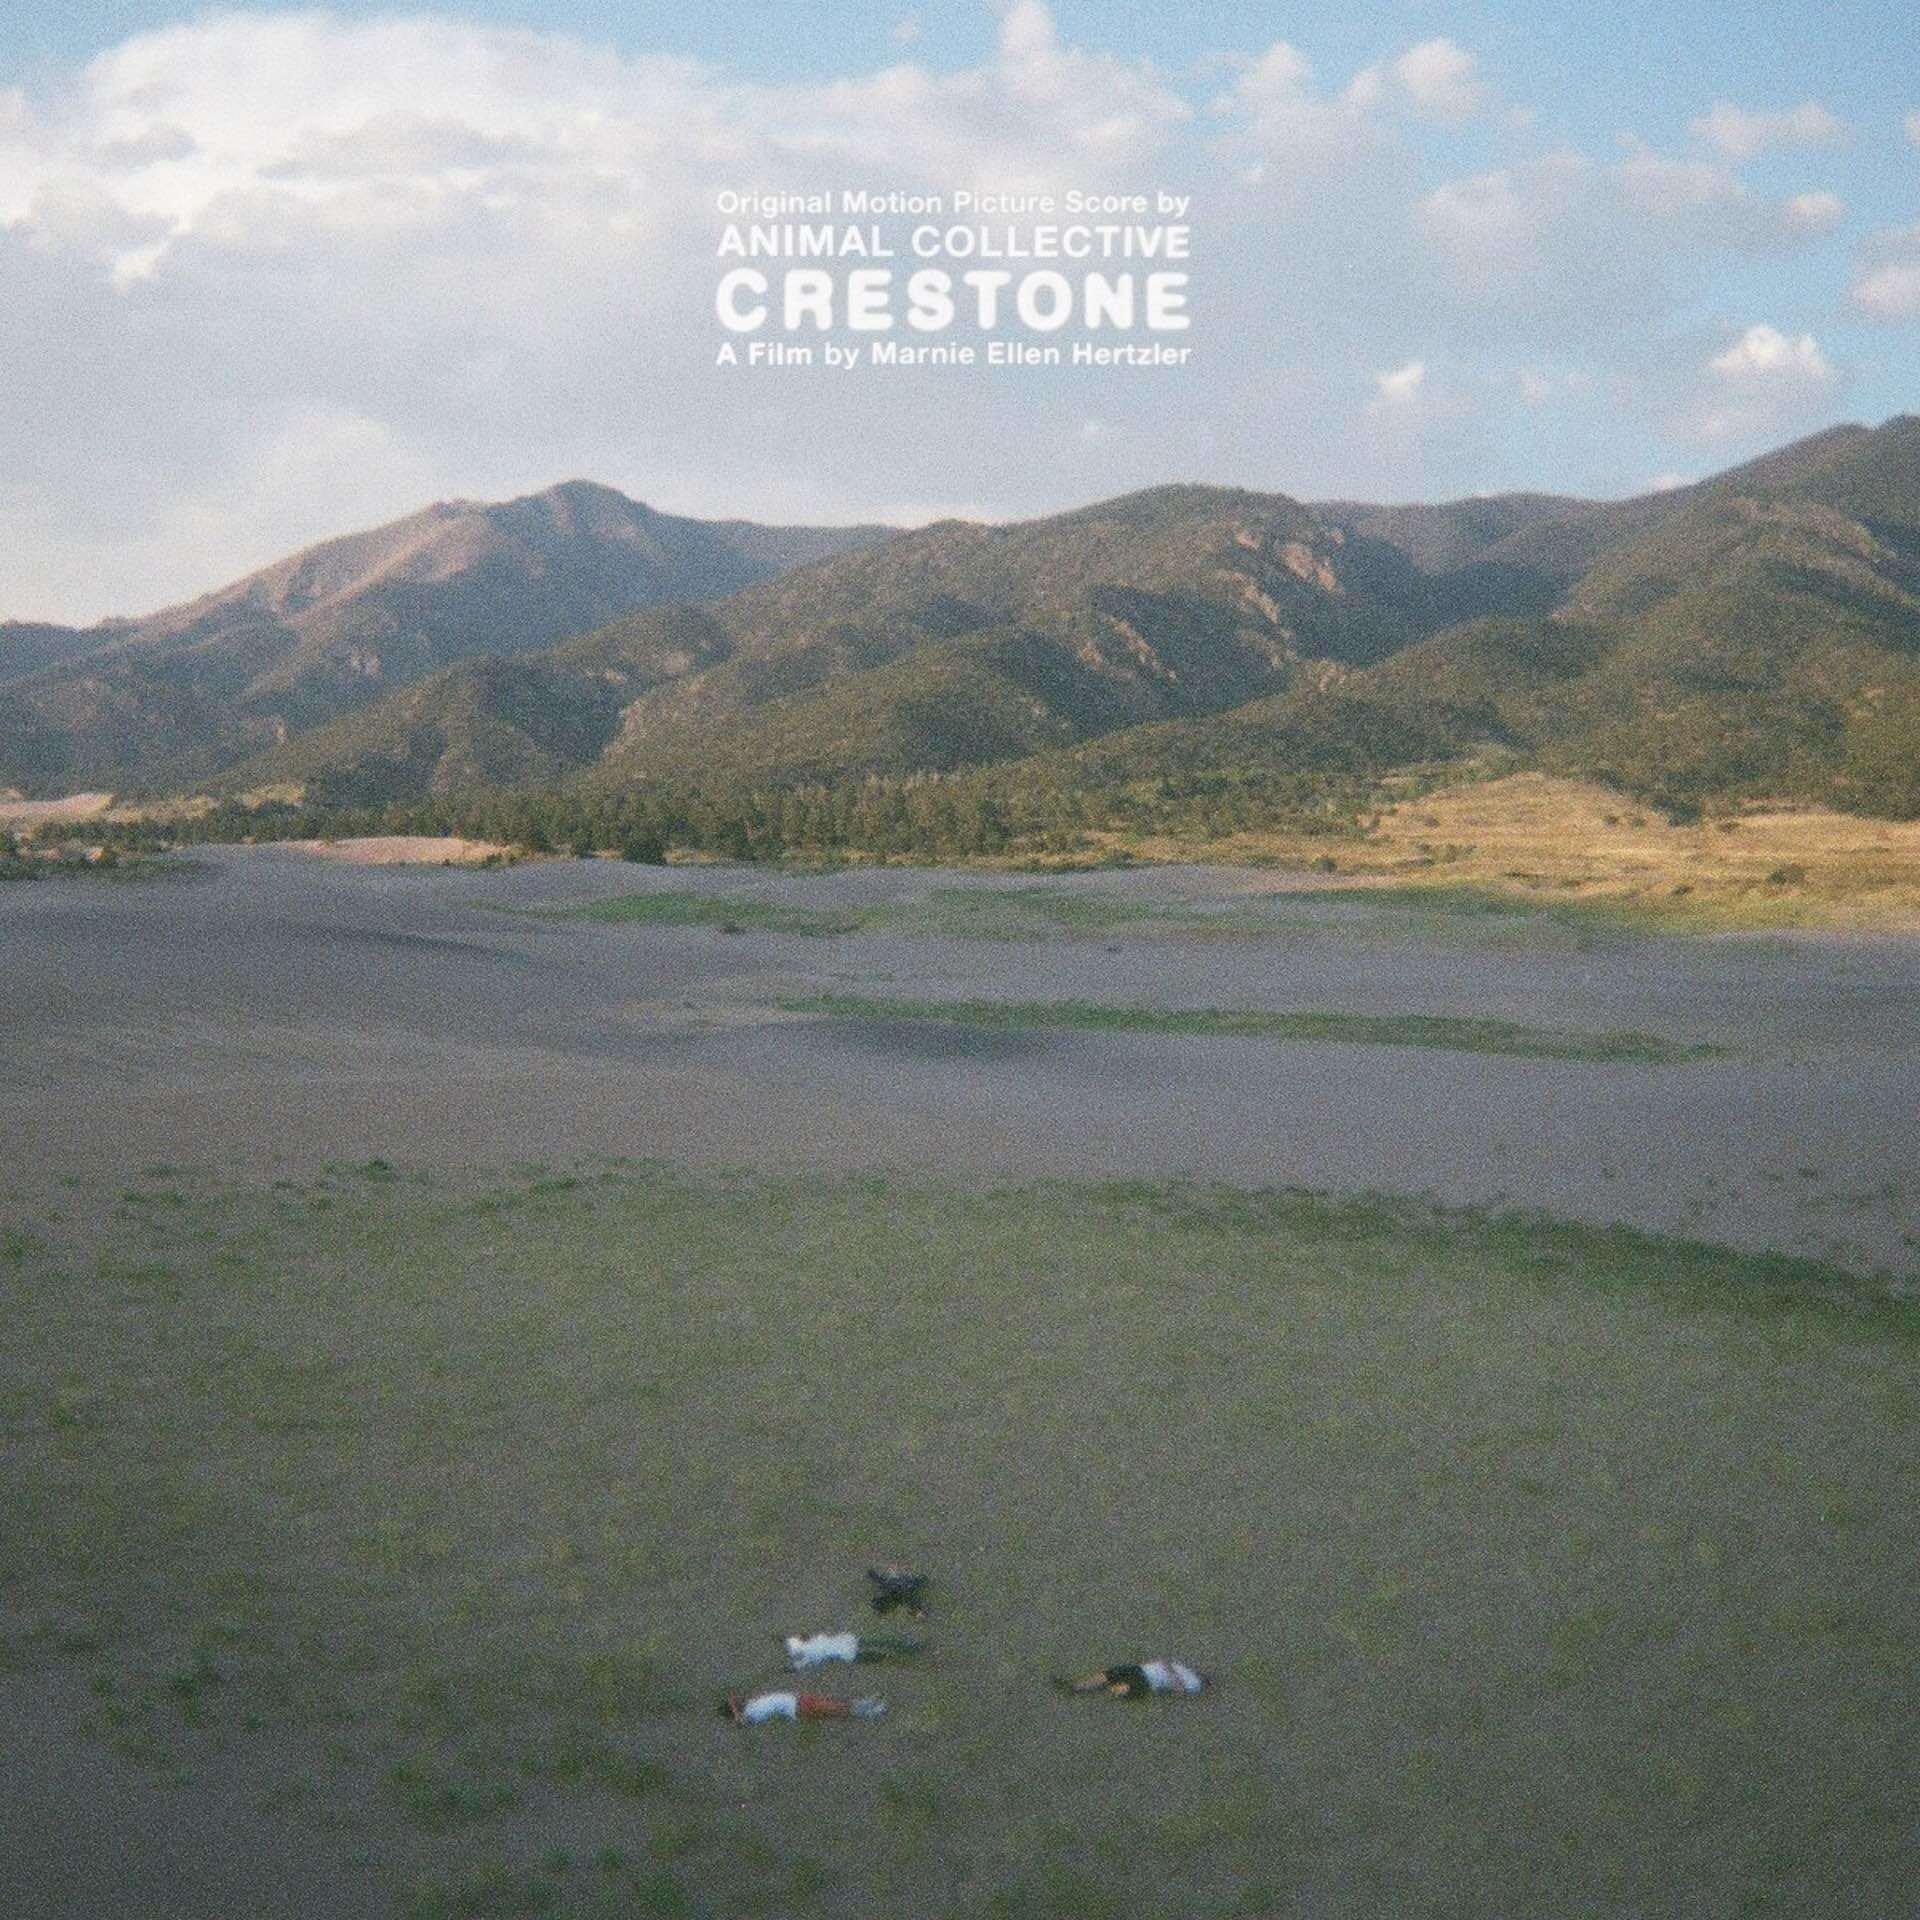 Animal Collective初の映画音楽作品!大麻を育てるラッパーを追ったドキュメンタリー『Crestone』のサウンドトラックがデジタルリリース music210217_animal-collective_2-1920x1920